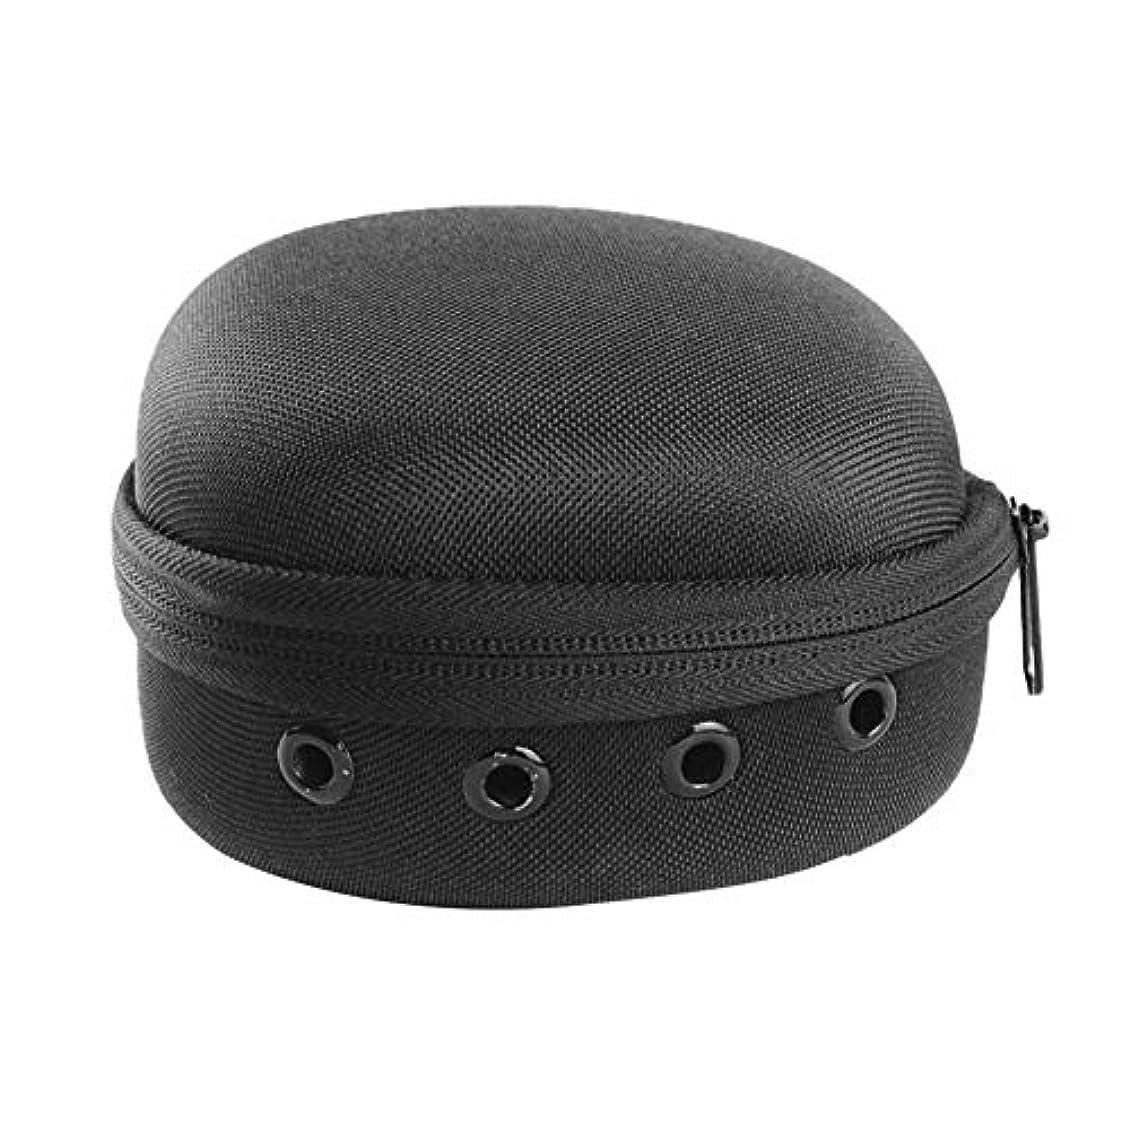 延期する僕の口頭k-outdoor リールカバー タックルバッグ 耐摩耗性 釣りリールケース 保護ポーチ リールバッグ